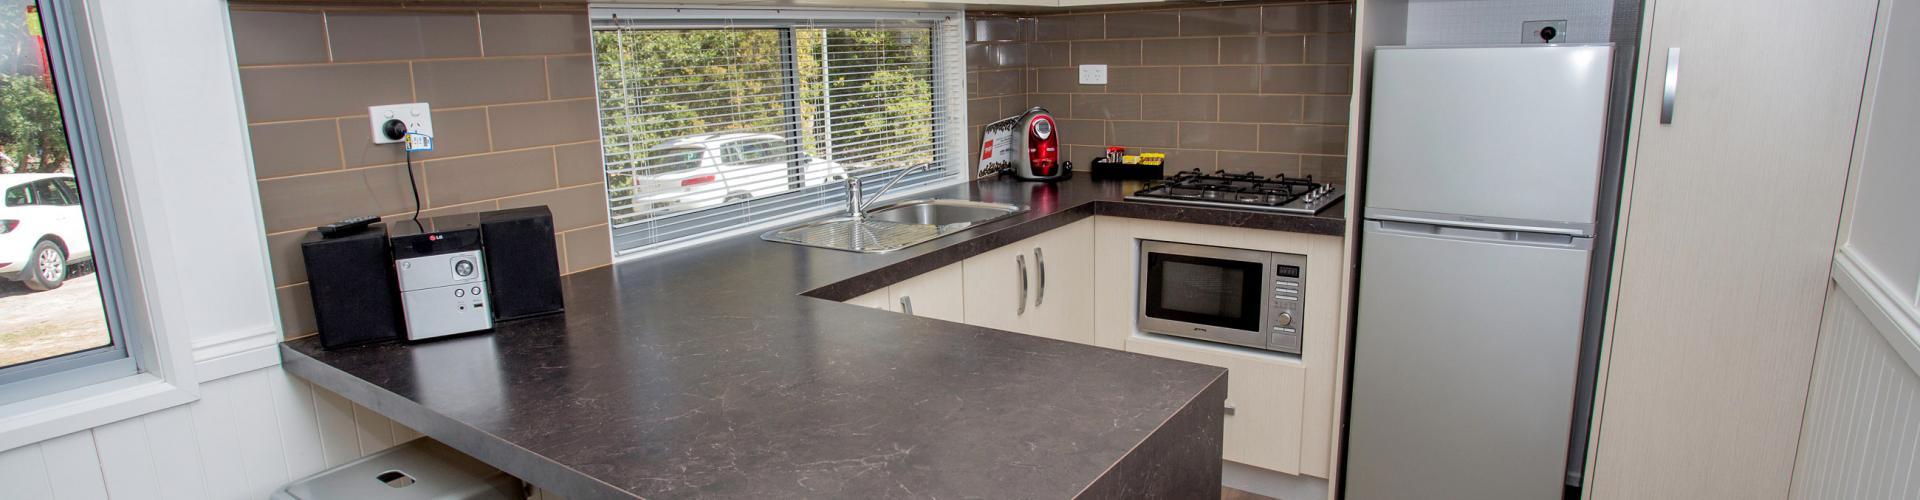 BIG4 Yarra Valley Park Lane Holiday Park - Hilltop Cabin - 2 Bedroom - Kitchen